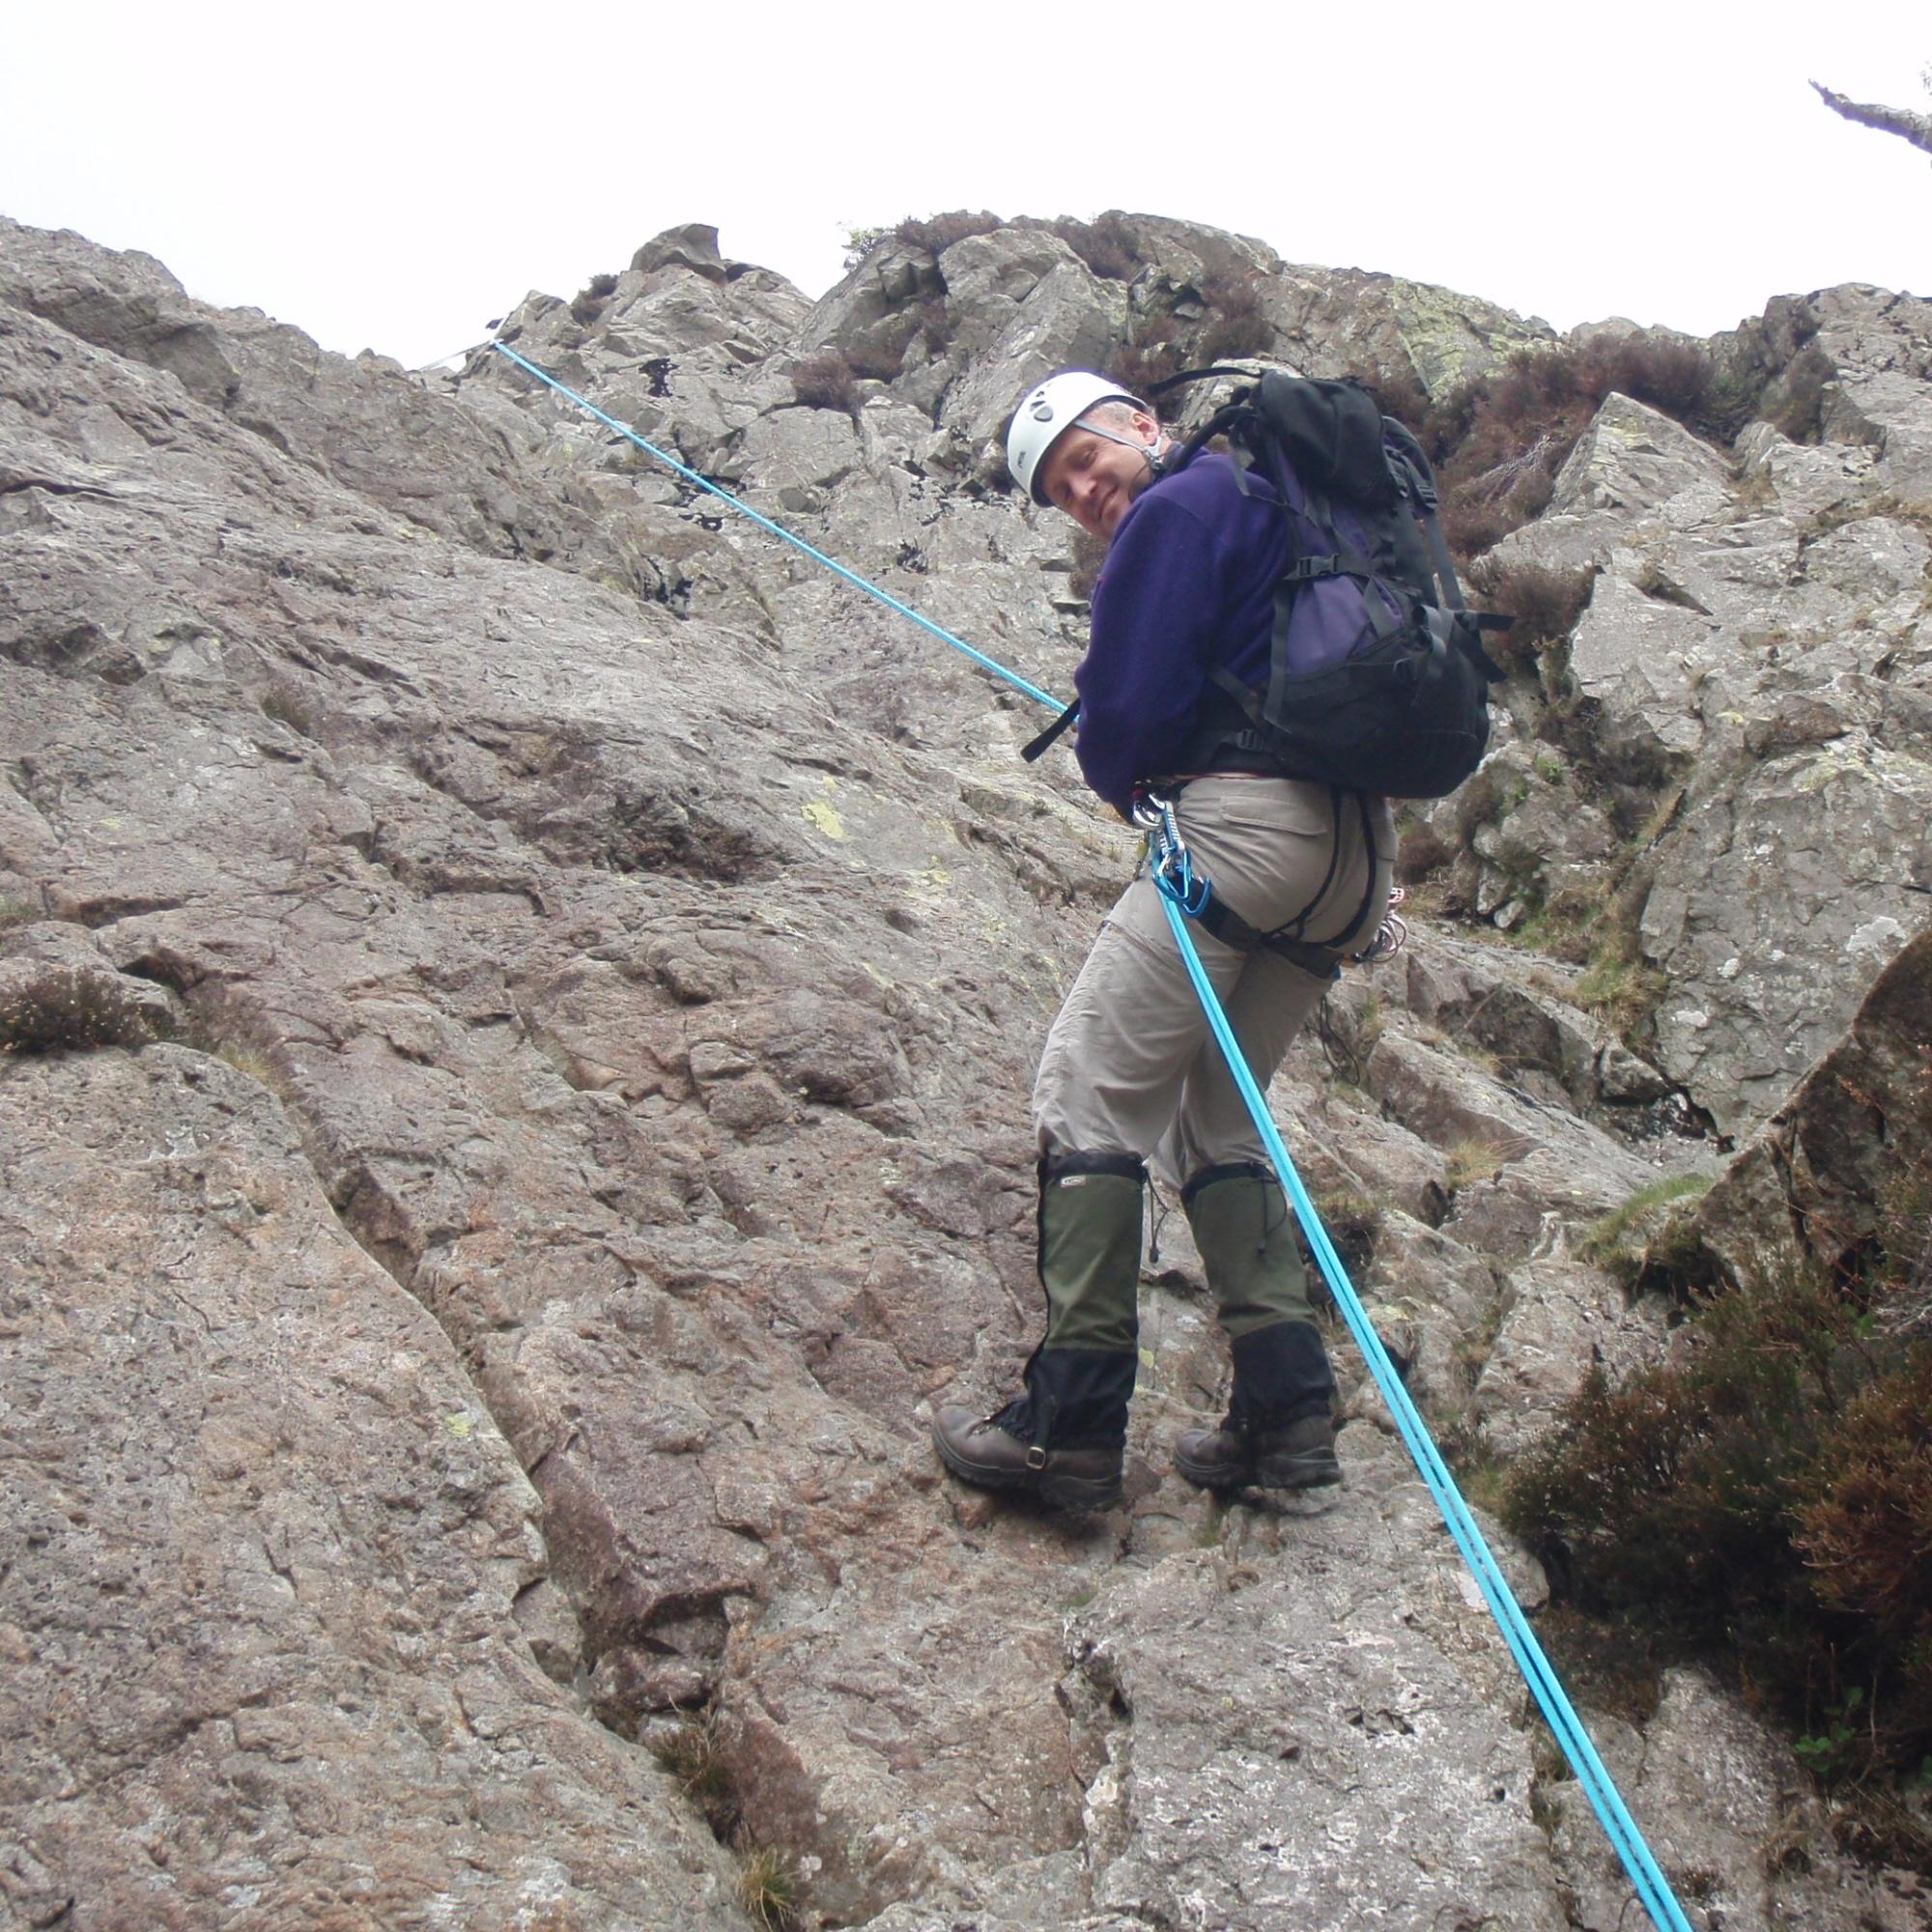 Rope work for scrambling